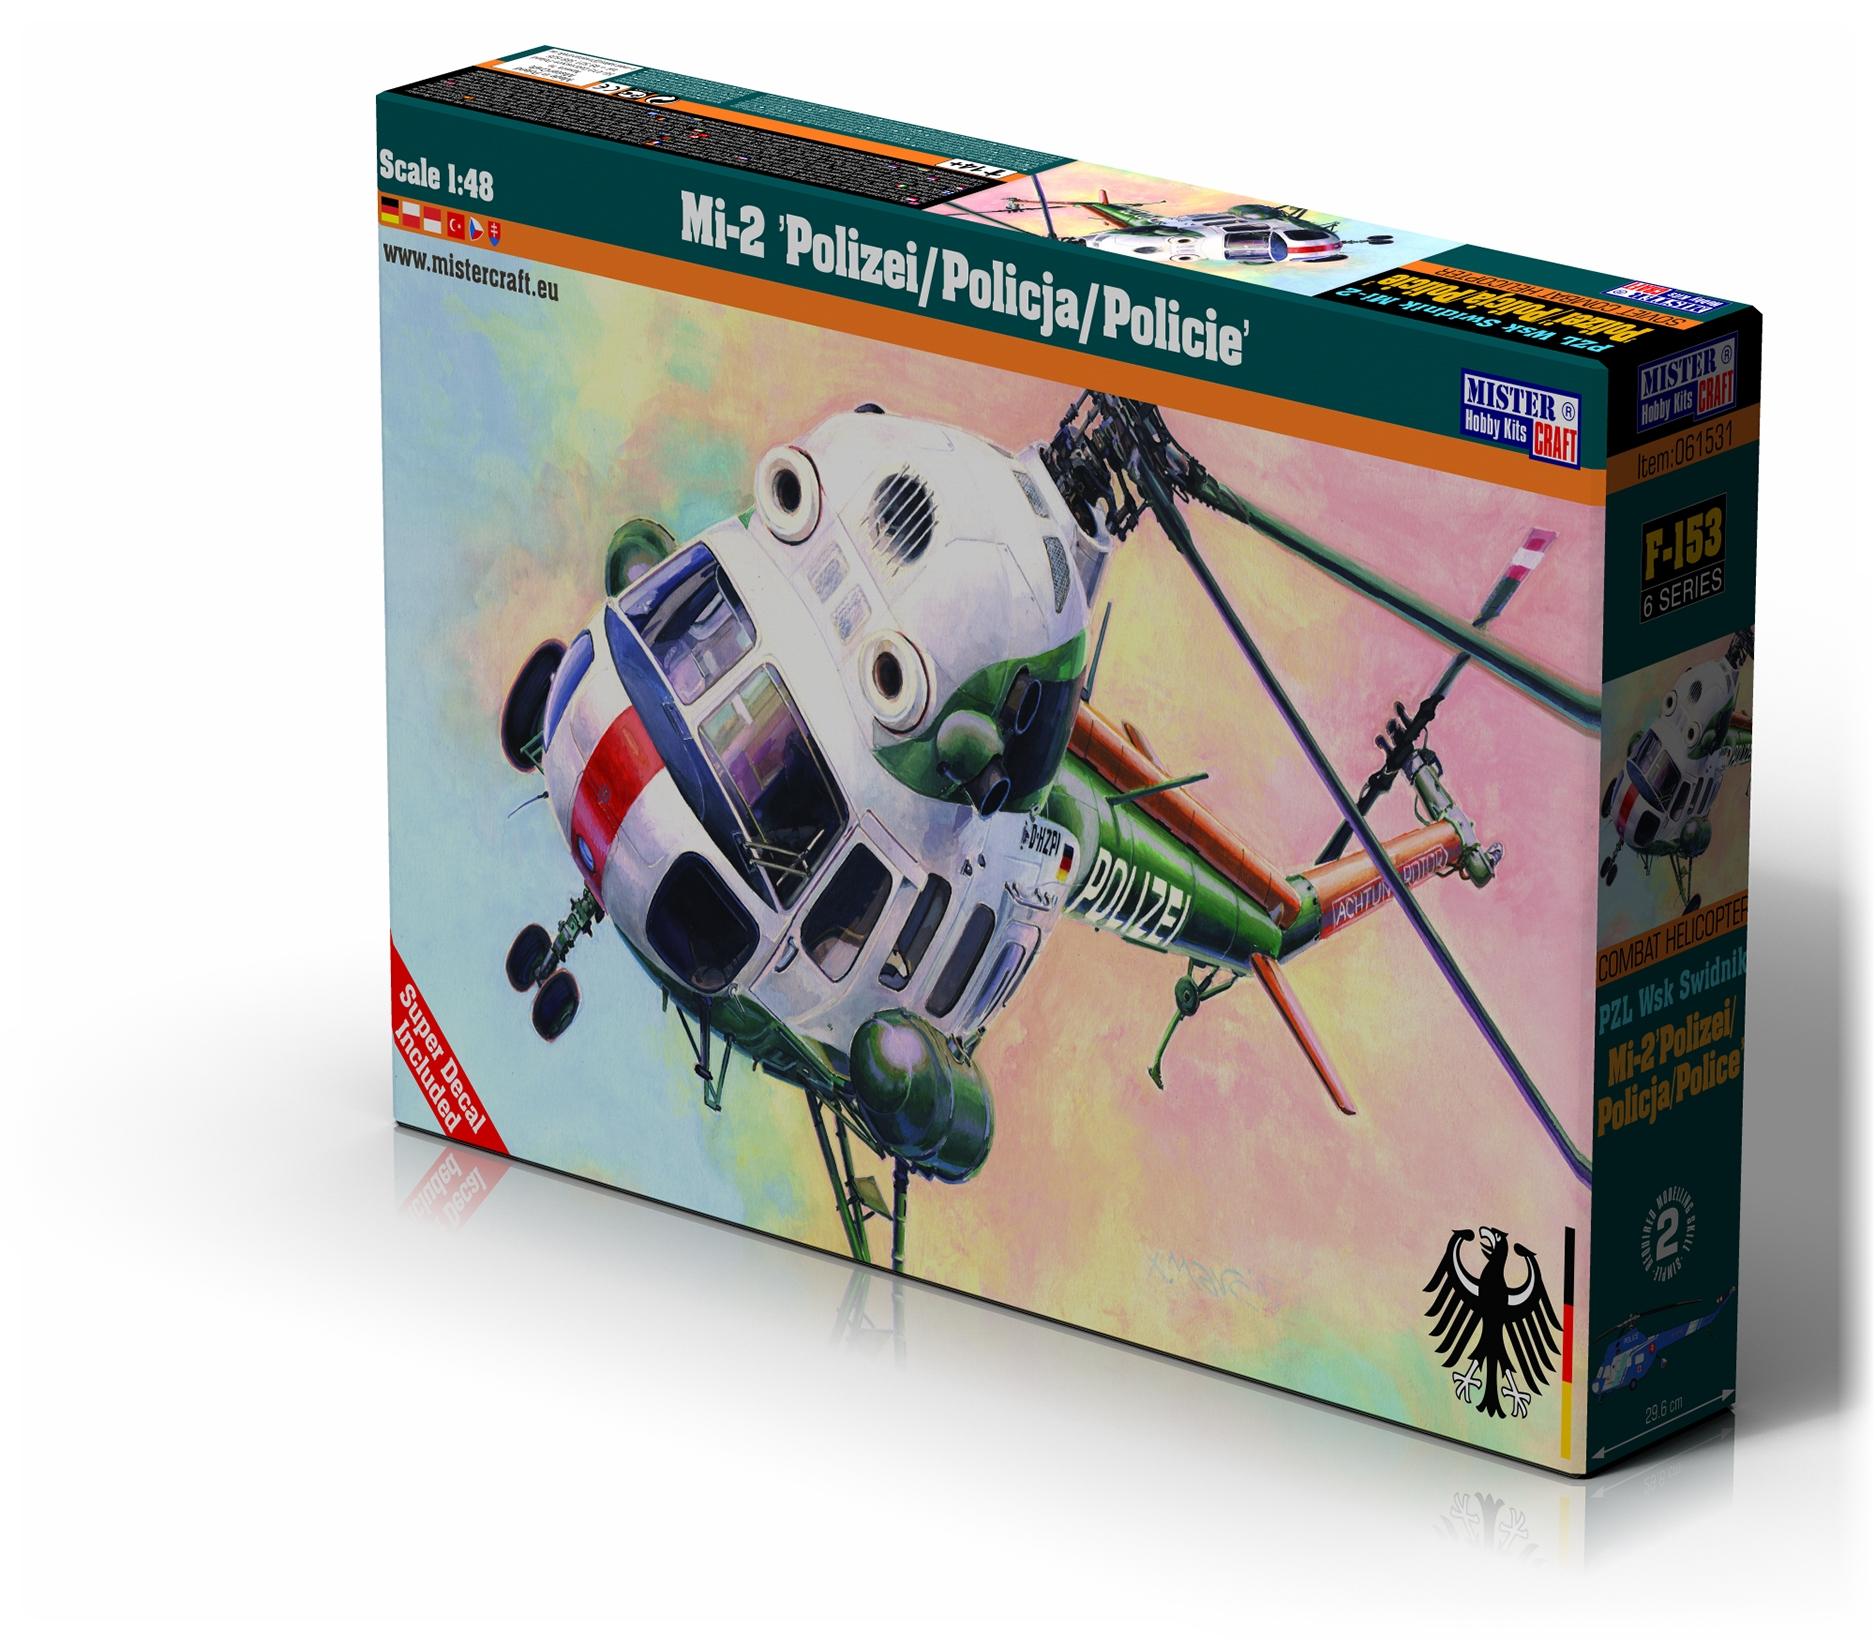 """F-153 Mi-2""""Polizei/Policja/Policie 1:48"""